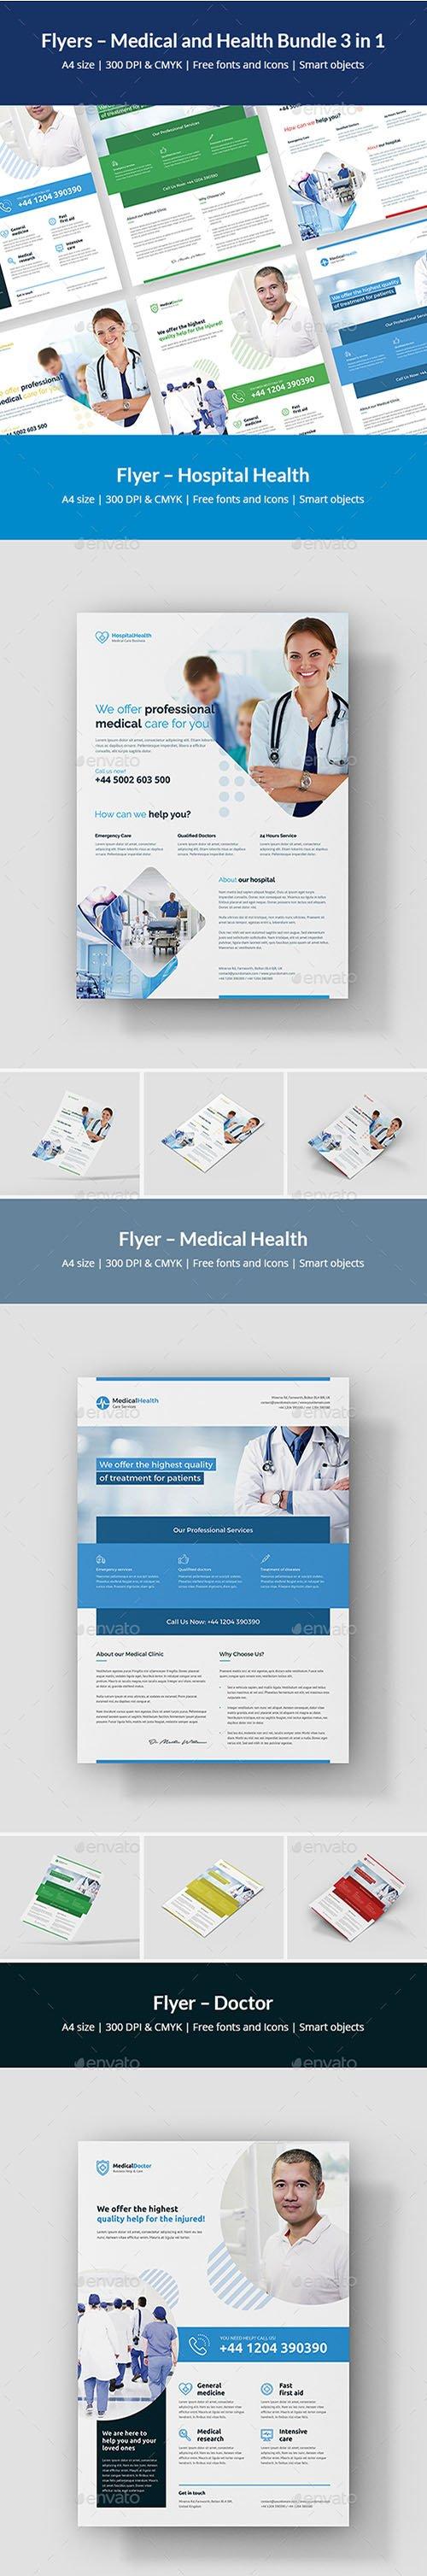 GR - Flyer – Medical and Health Bundle 3 in 1 22196220